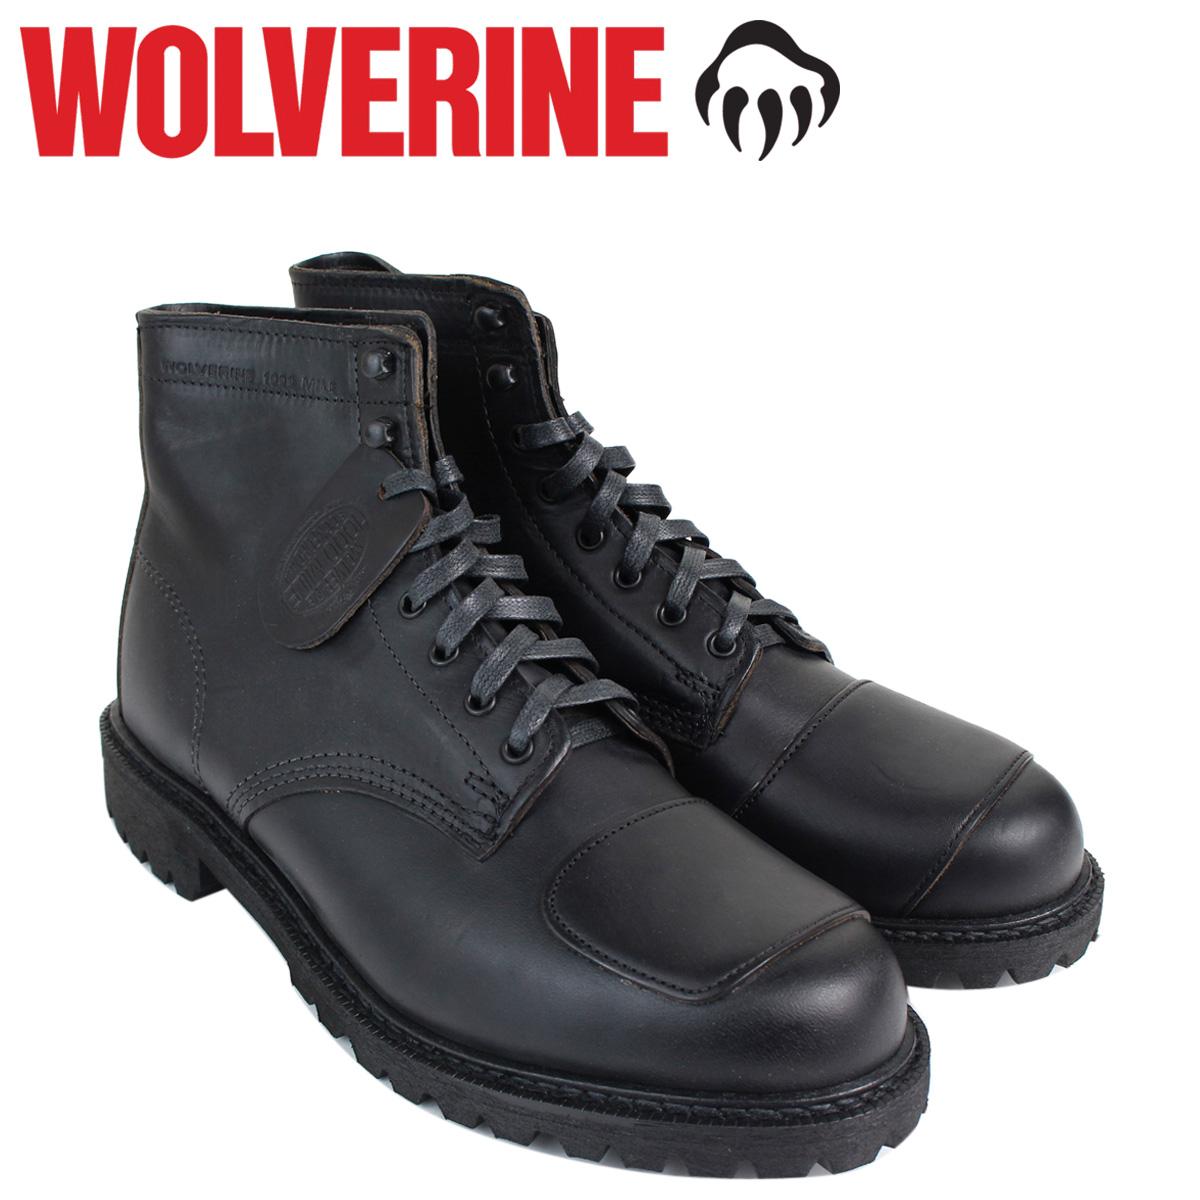 ウルヴァリン WOLVERINE 1000マイル ブーツ メンズ 1000 MILE DYLAN MONO BOOT Dワイズ W40300 ブラック ワークブーツ